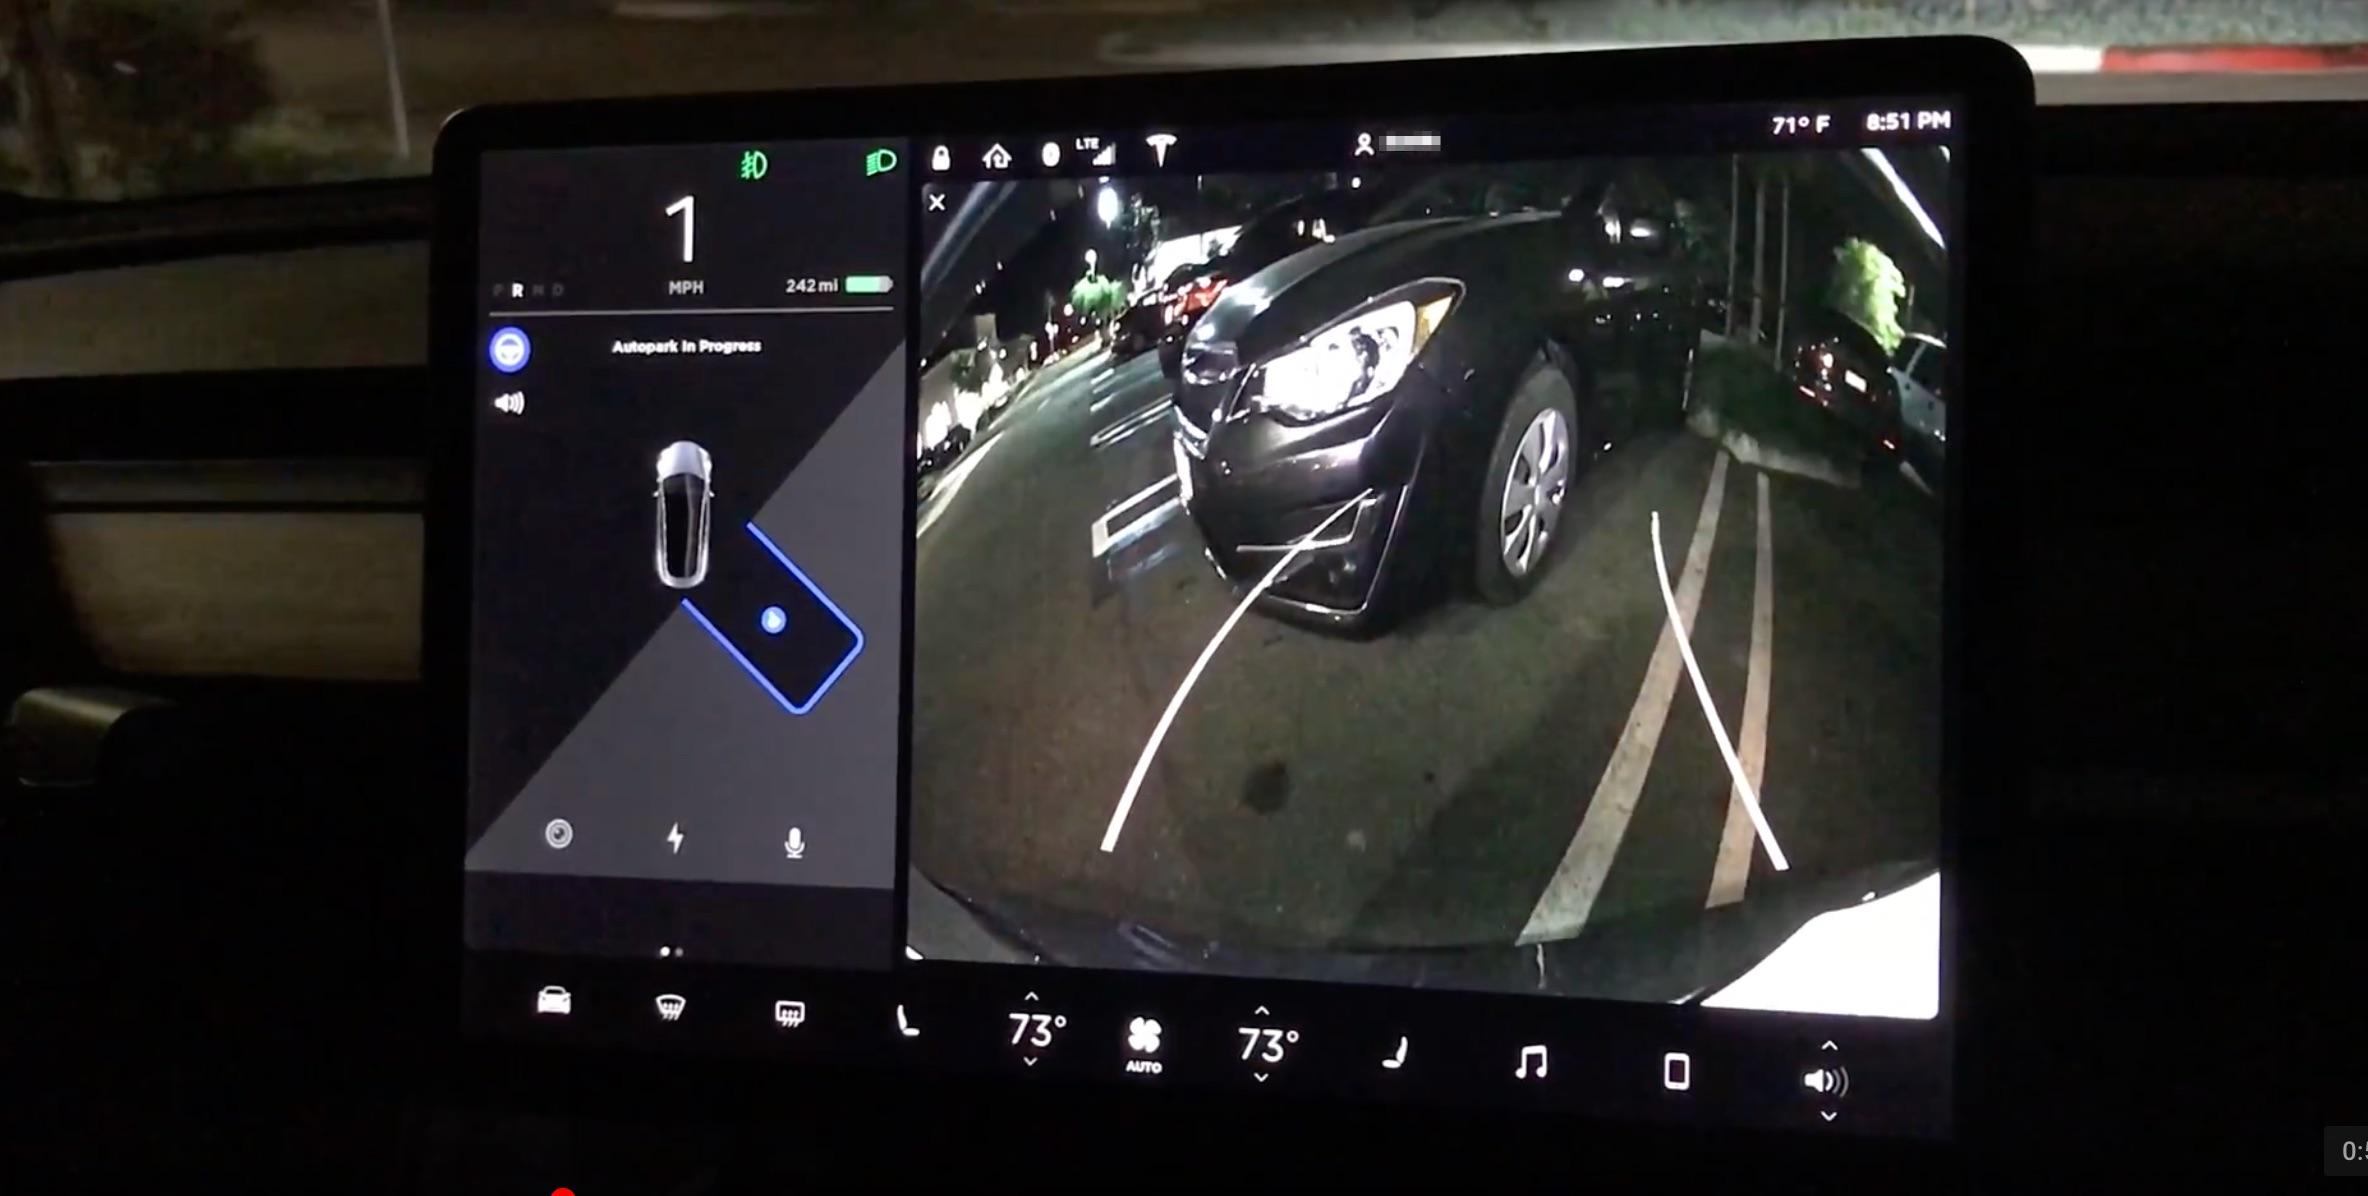 Tesla Supercharger Map 2017 >> Tesla enables 'Autopark' on Model 3 after Autopilot ...